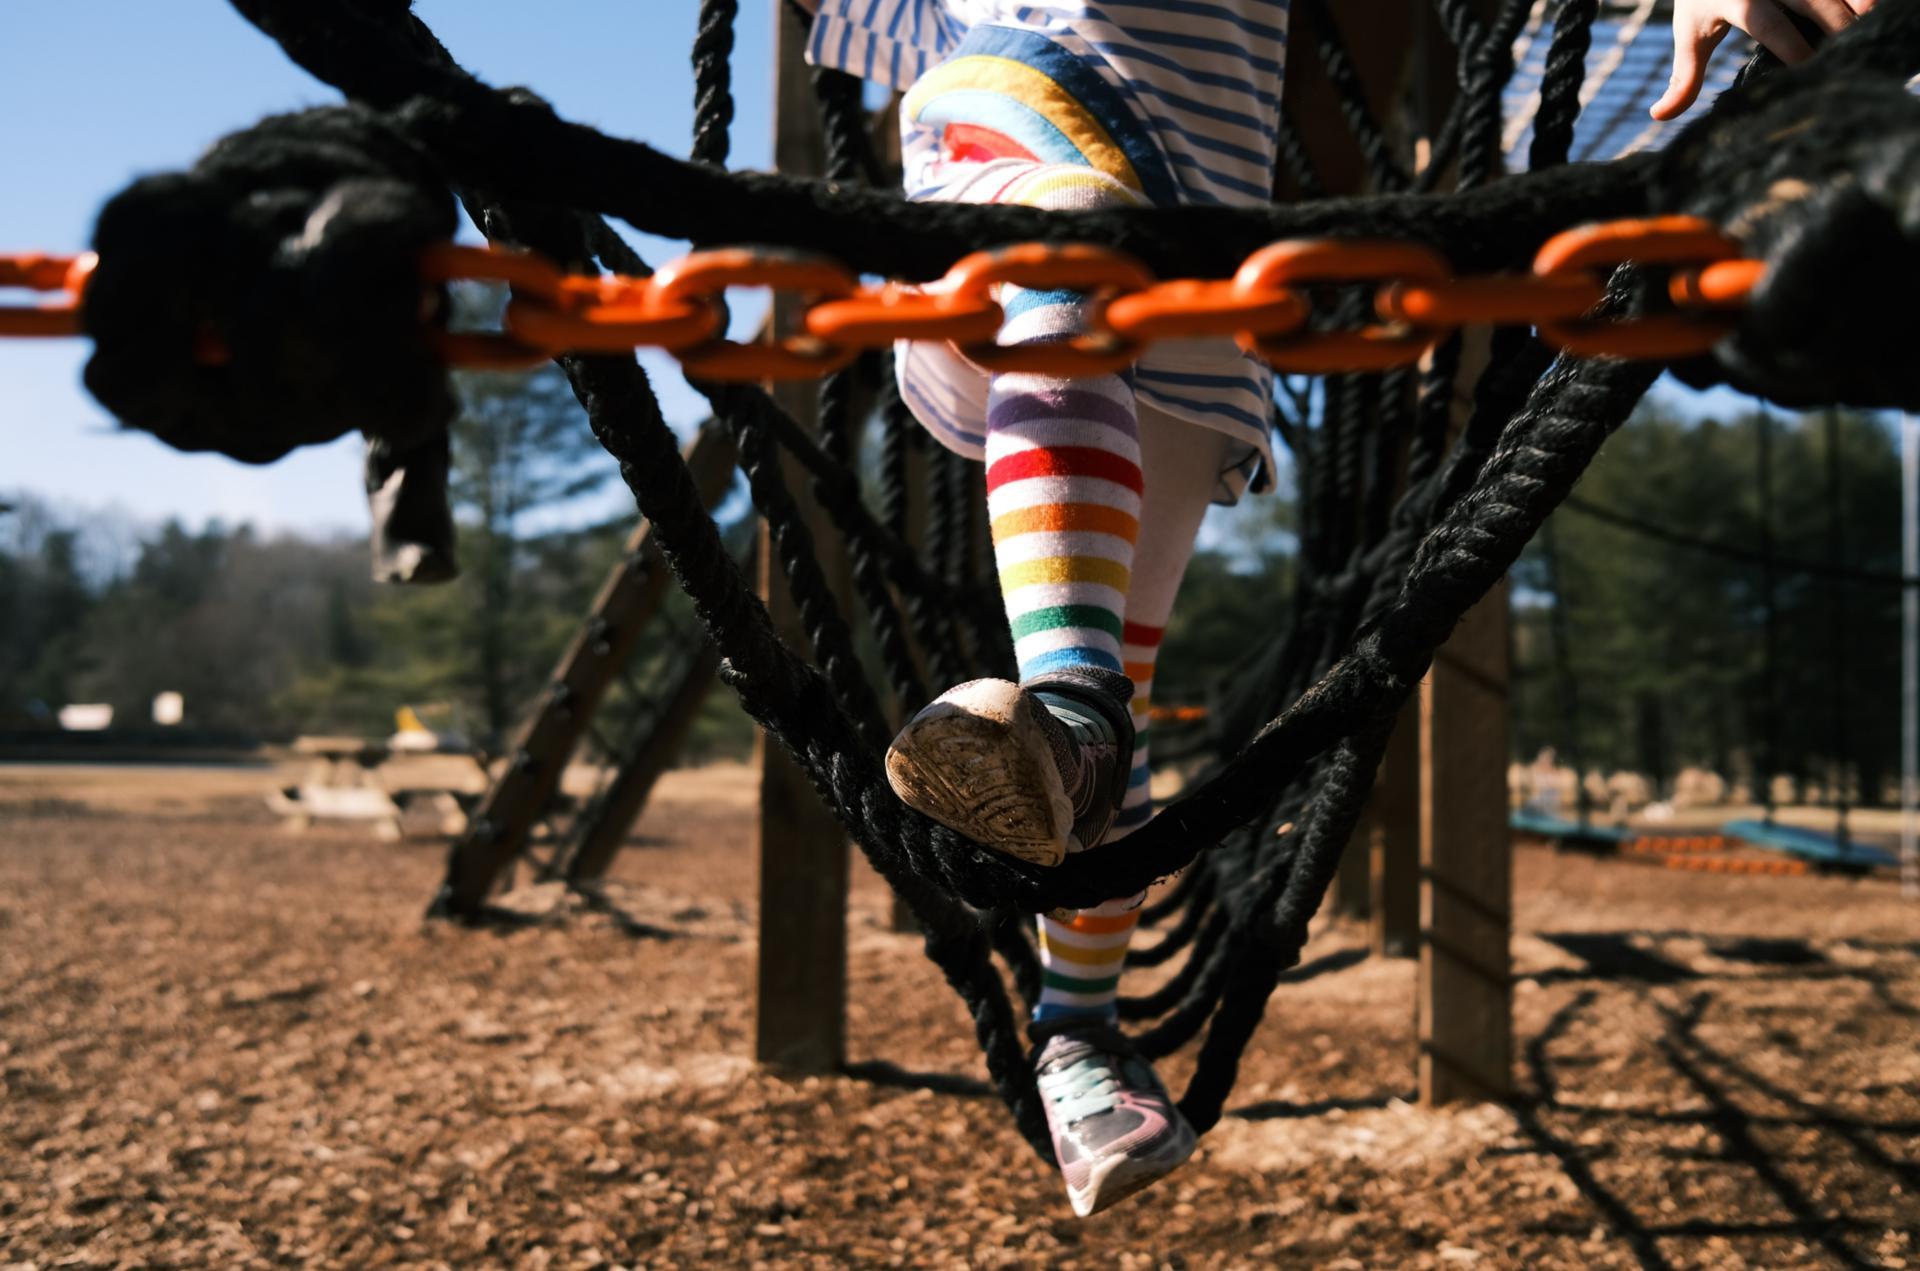 Spielplatz (c) Bild von congerdesign auf Pixabay